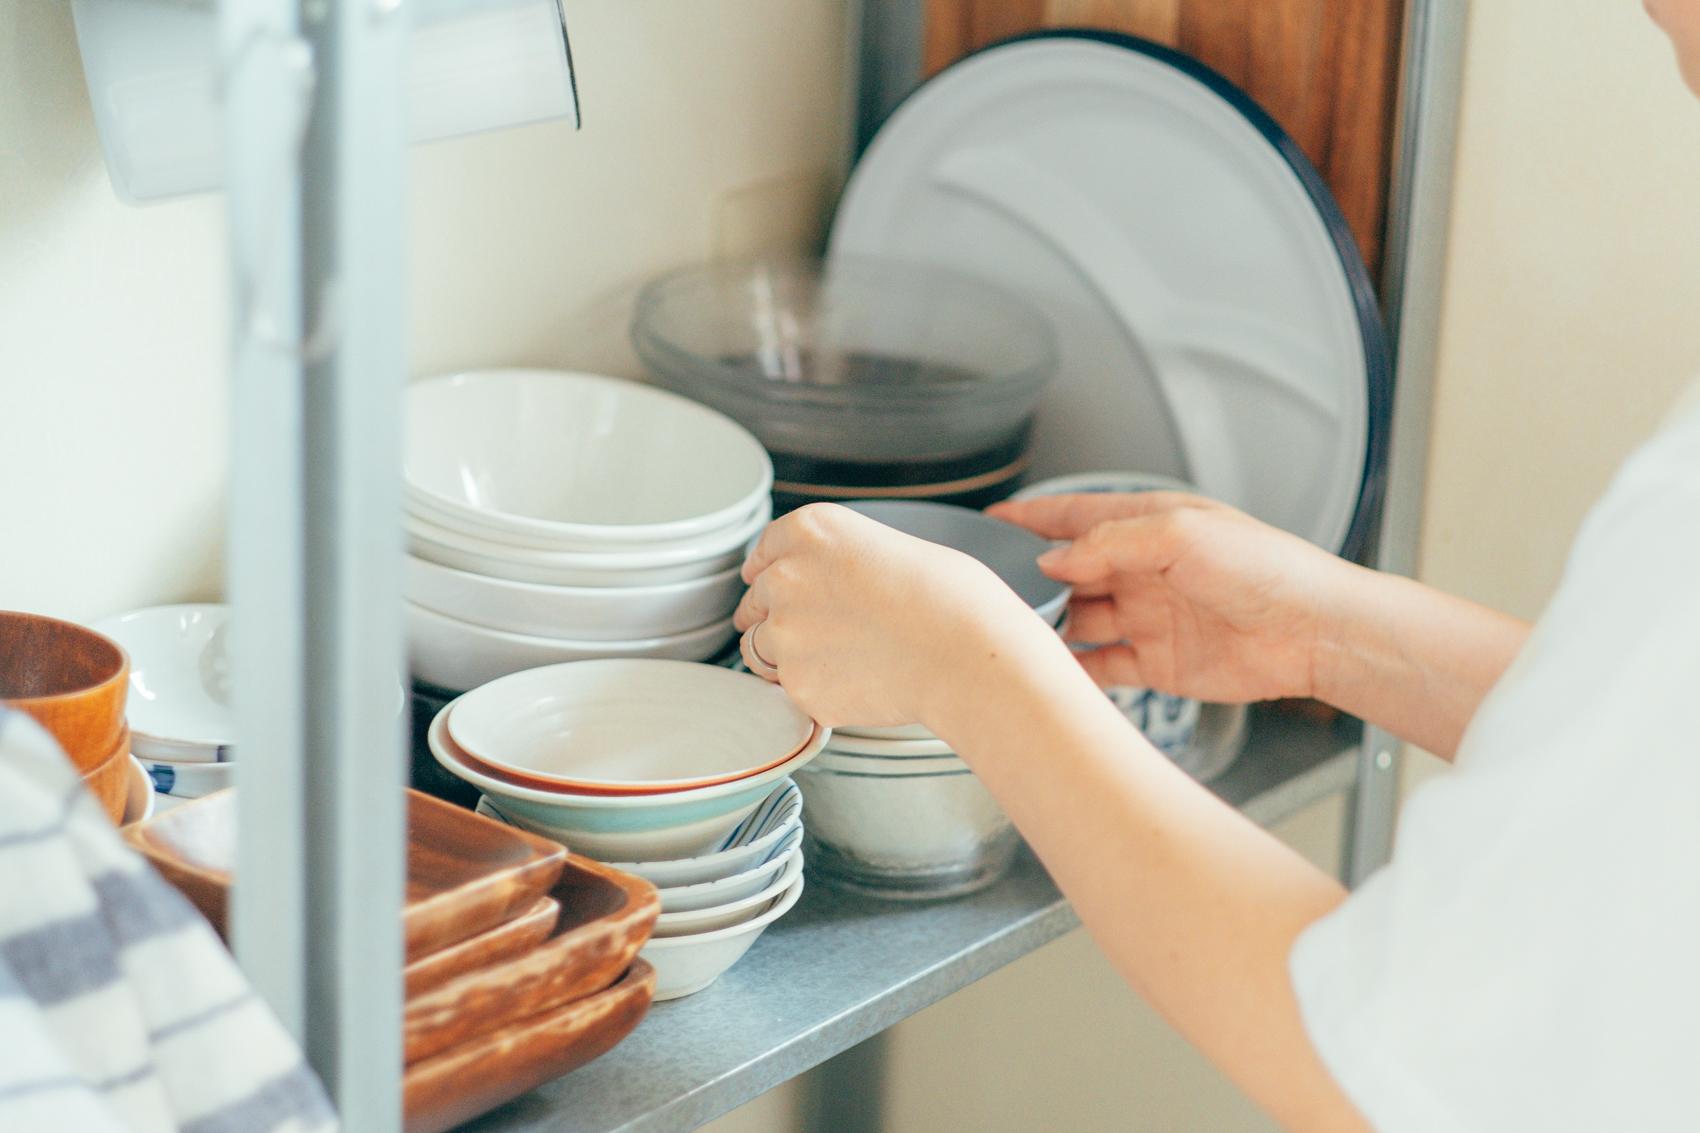 「キッチンは棚ではなくラック収納が良くてIKEAで購入しました。掃除もしやすくて良いですね。」